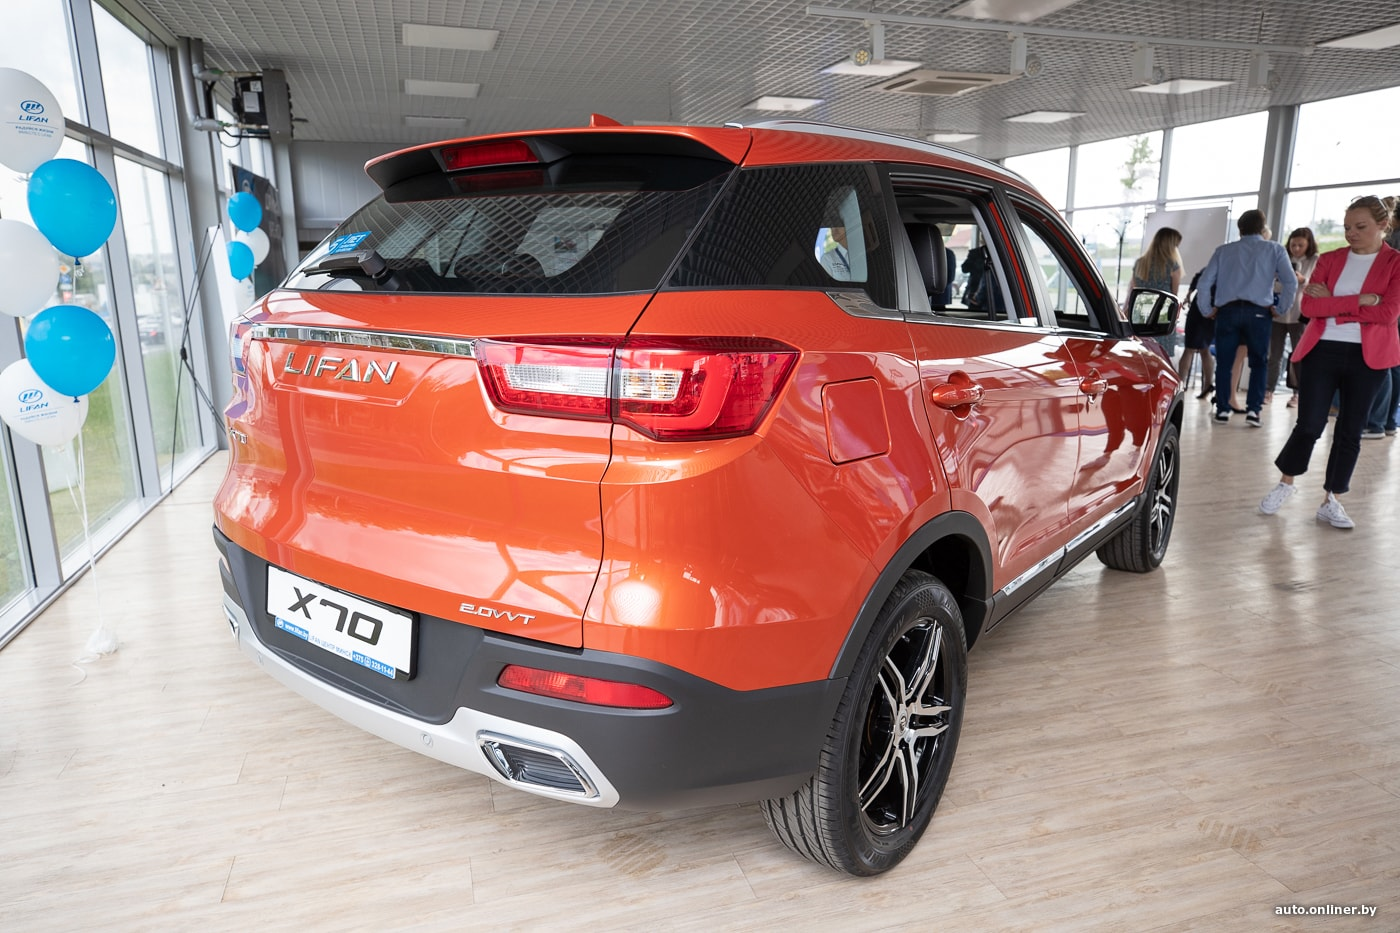 Цены на новую модель Fiat начнутся с 1,2 миллиона рублей